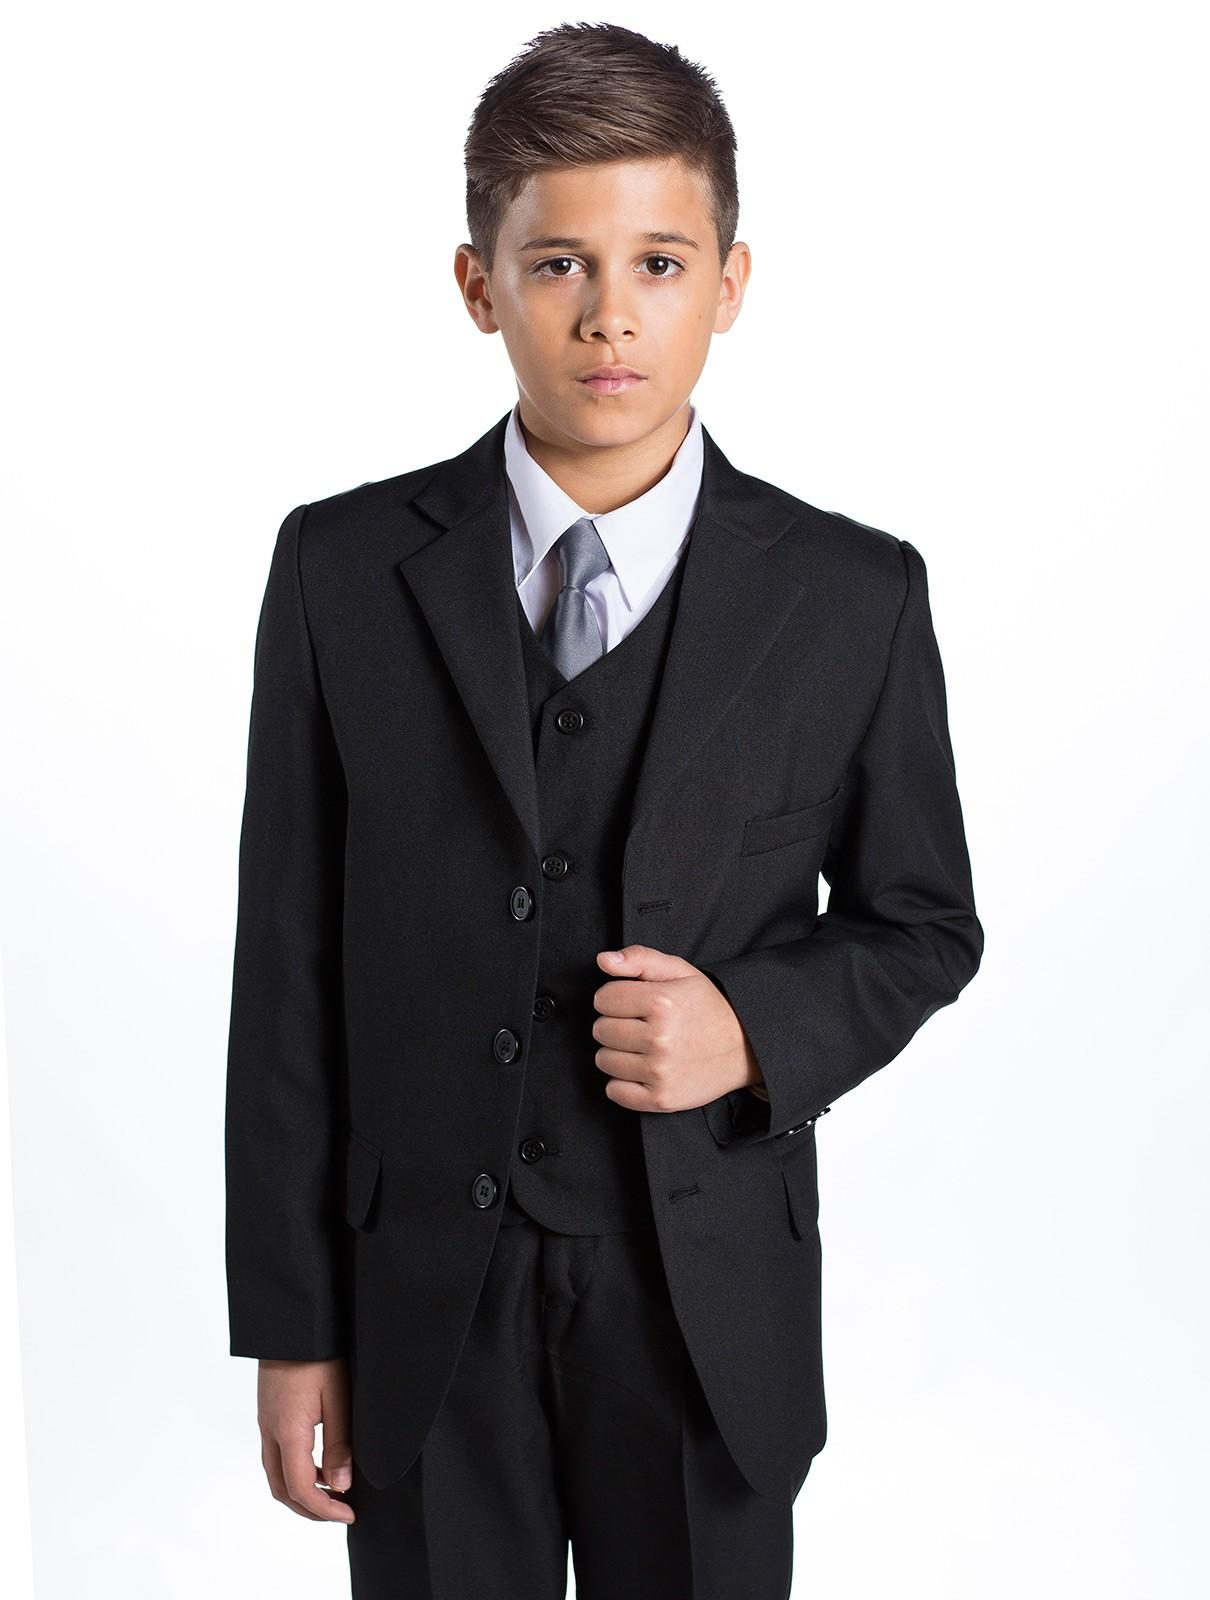 NOVINKA - oblek pro chlapce, k půjčení, k prodeji - Obrázek č. 3